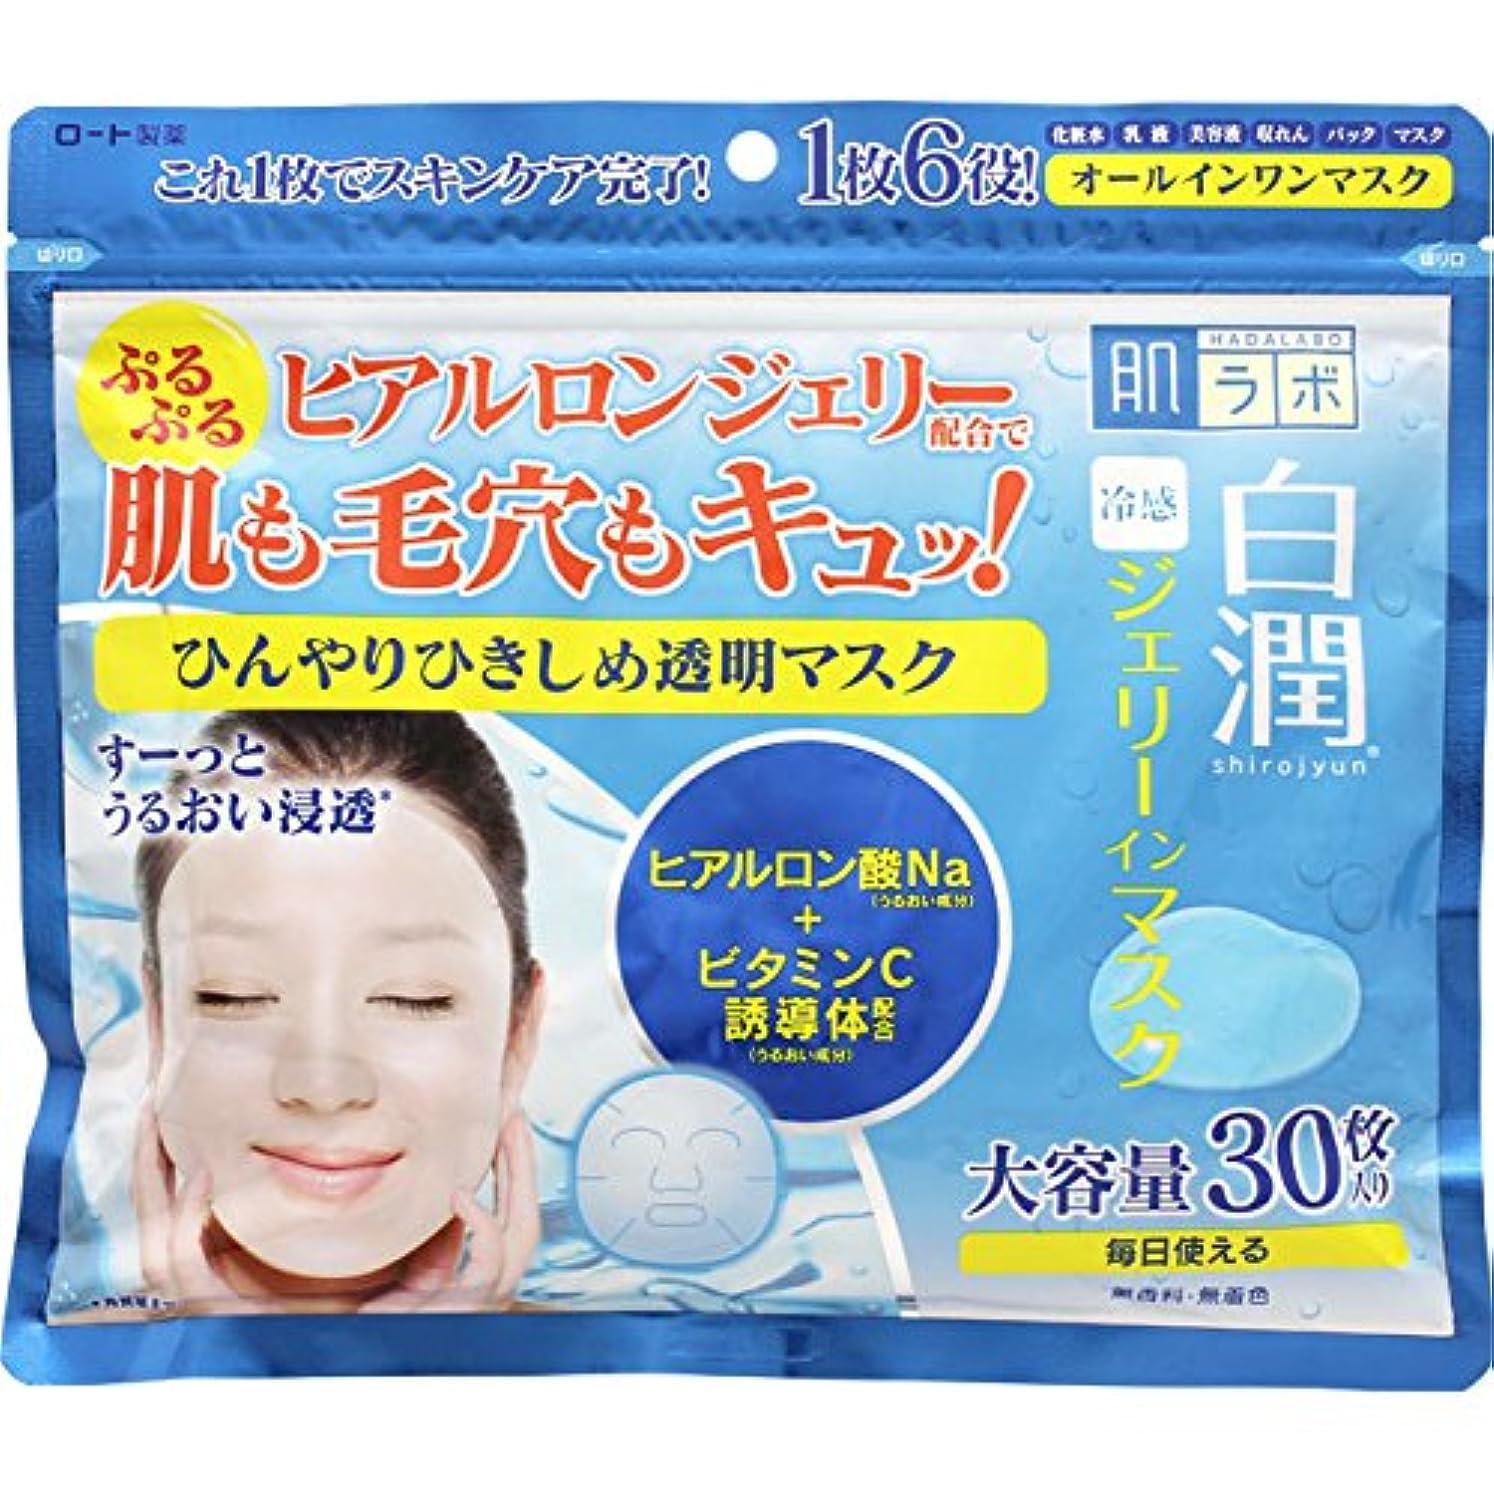 アカウントブレークスラック肌ラボ 白潤 冷感ジェリーインマスク 化粧水?乳液?美容液?収れん?パック?マスクの1枚6役 大容量30枚